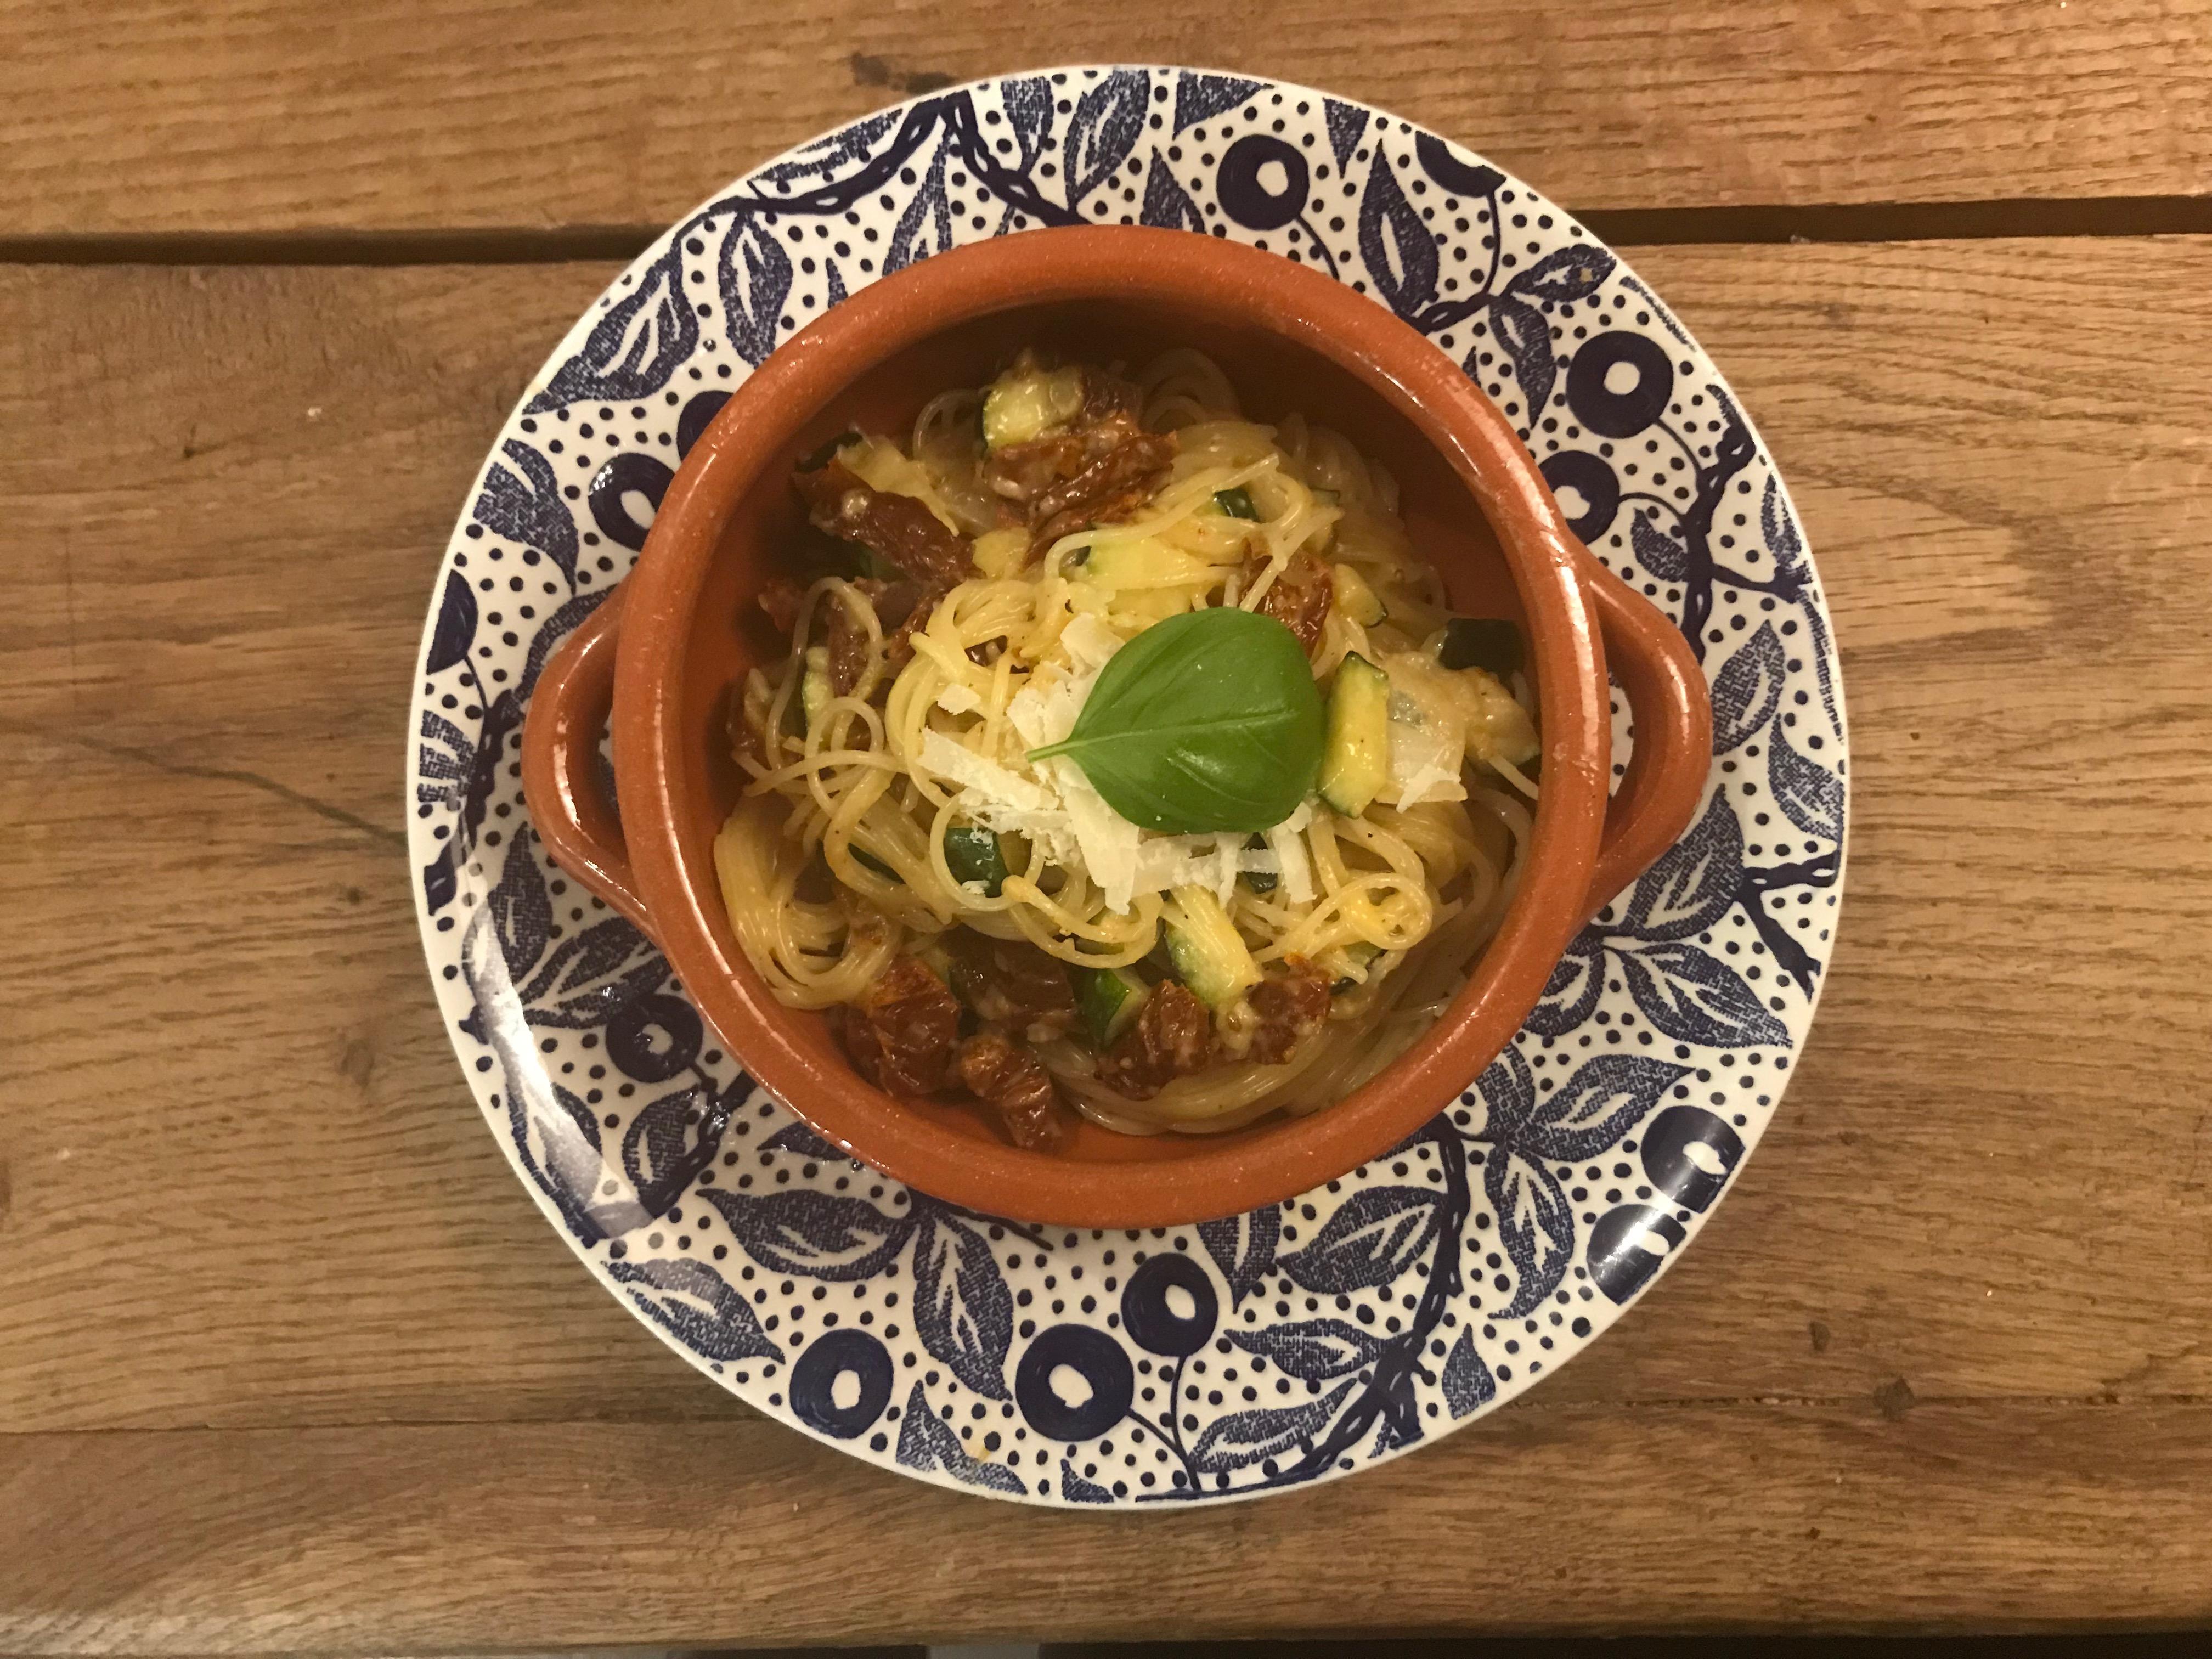 Vegetarische pasta, beetje carbonara met zongedroogde tomaten, parmezaan en ei